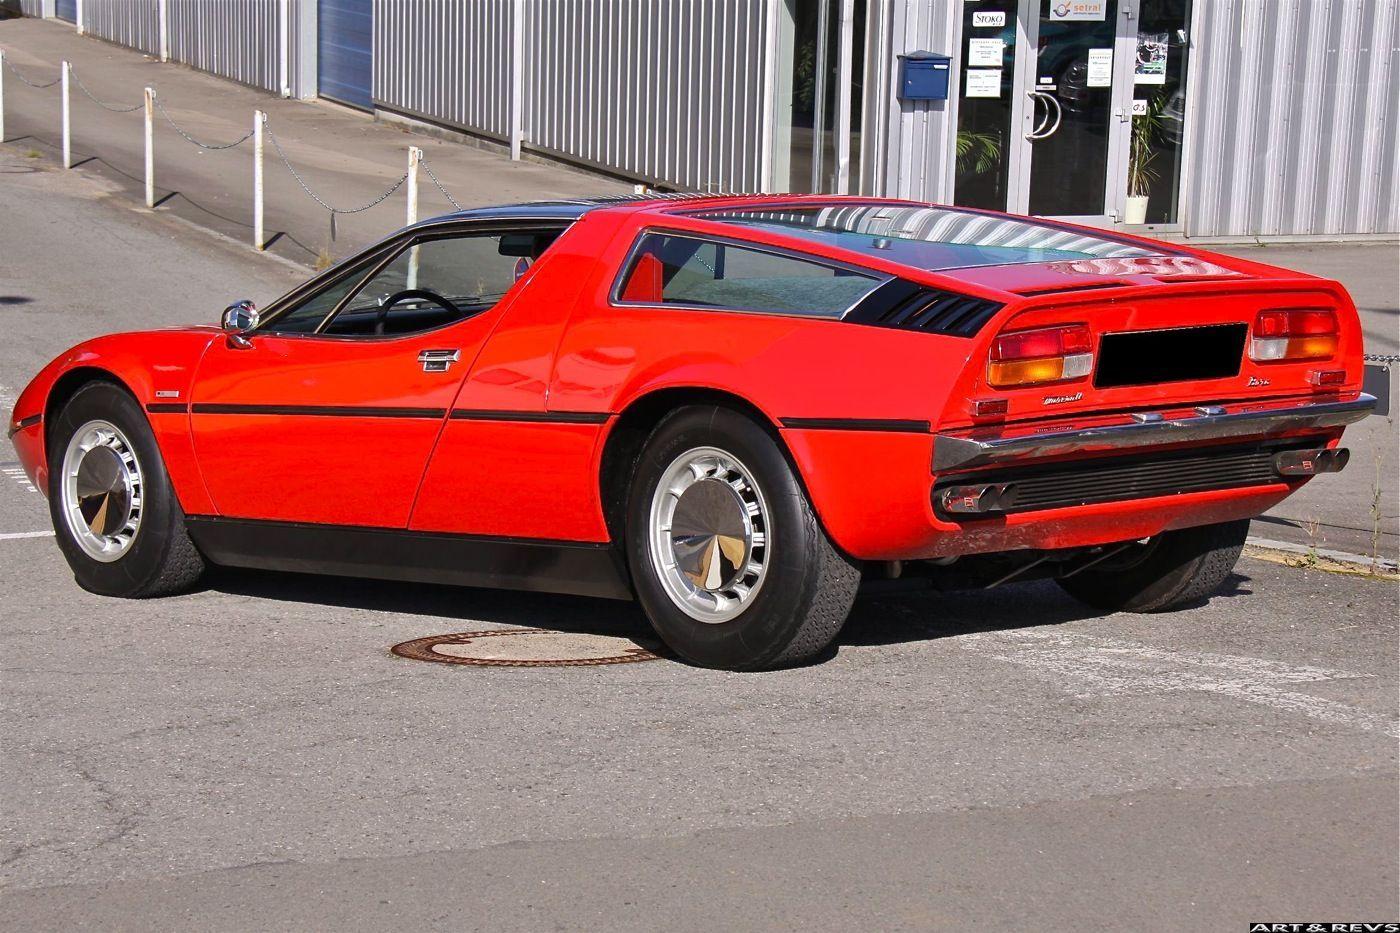 Had a dream I was driving this Maserati Bora around Des Moines. I ...